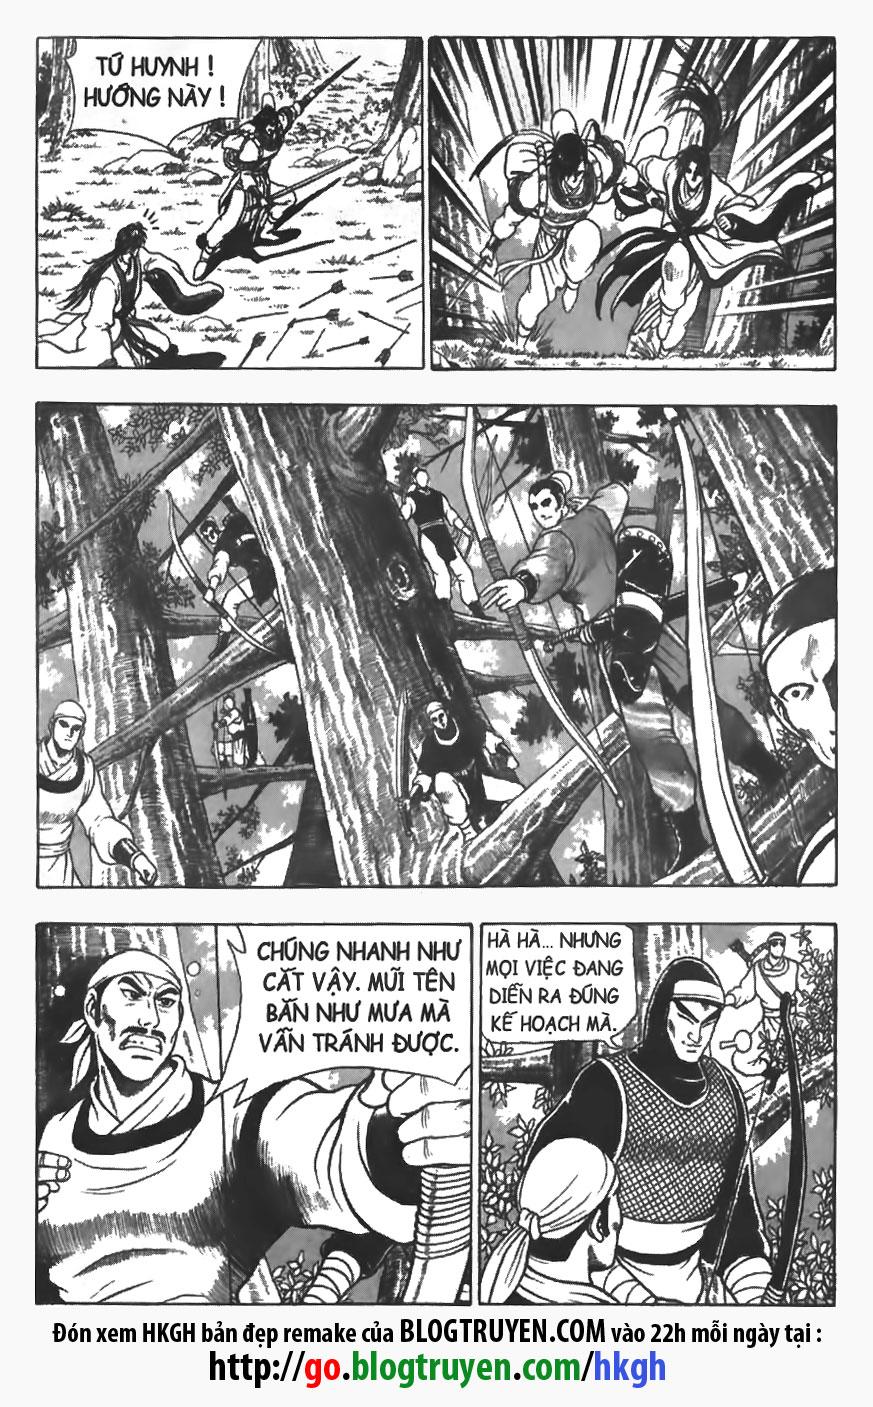 xem truyen moi - Hiệp Khách Giang Hồ Vol13 - Chap 085 - Remake